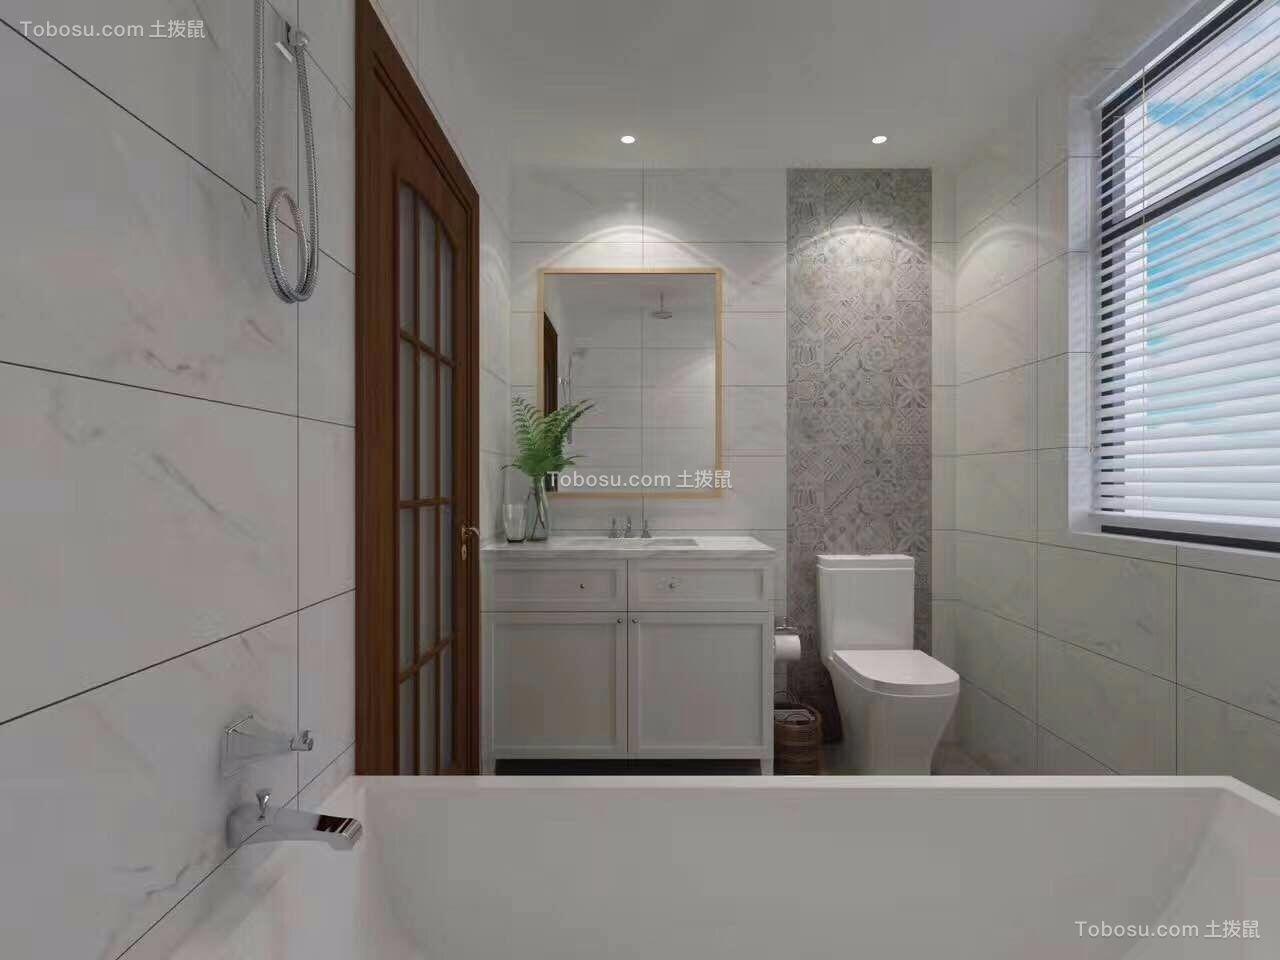 卫生间白色洗漱台混搭风格装潢设计图片